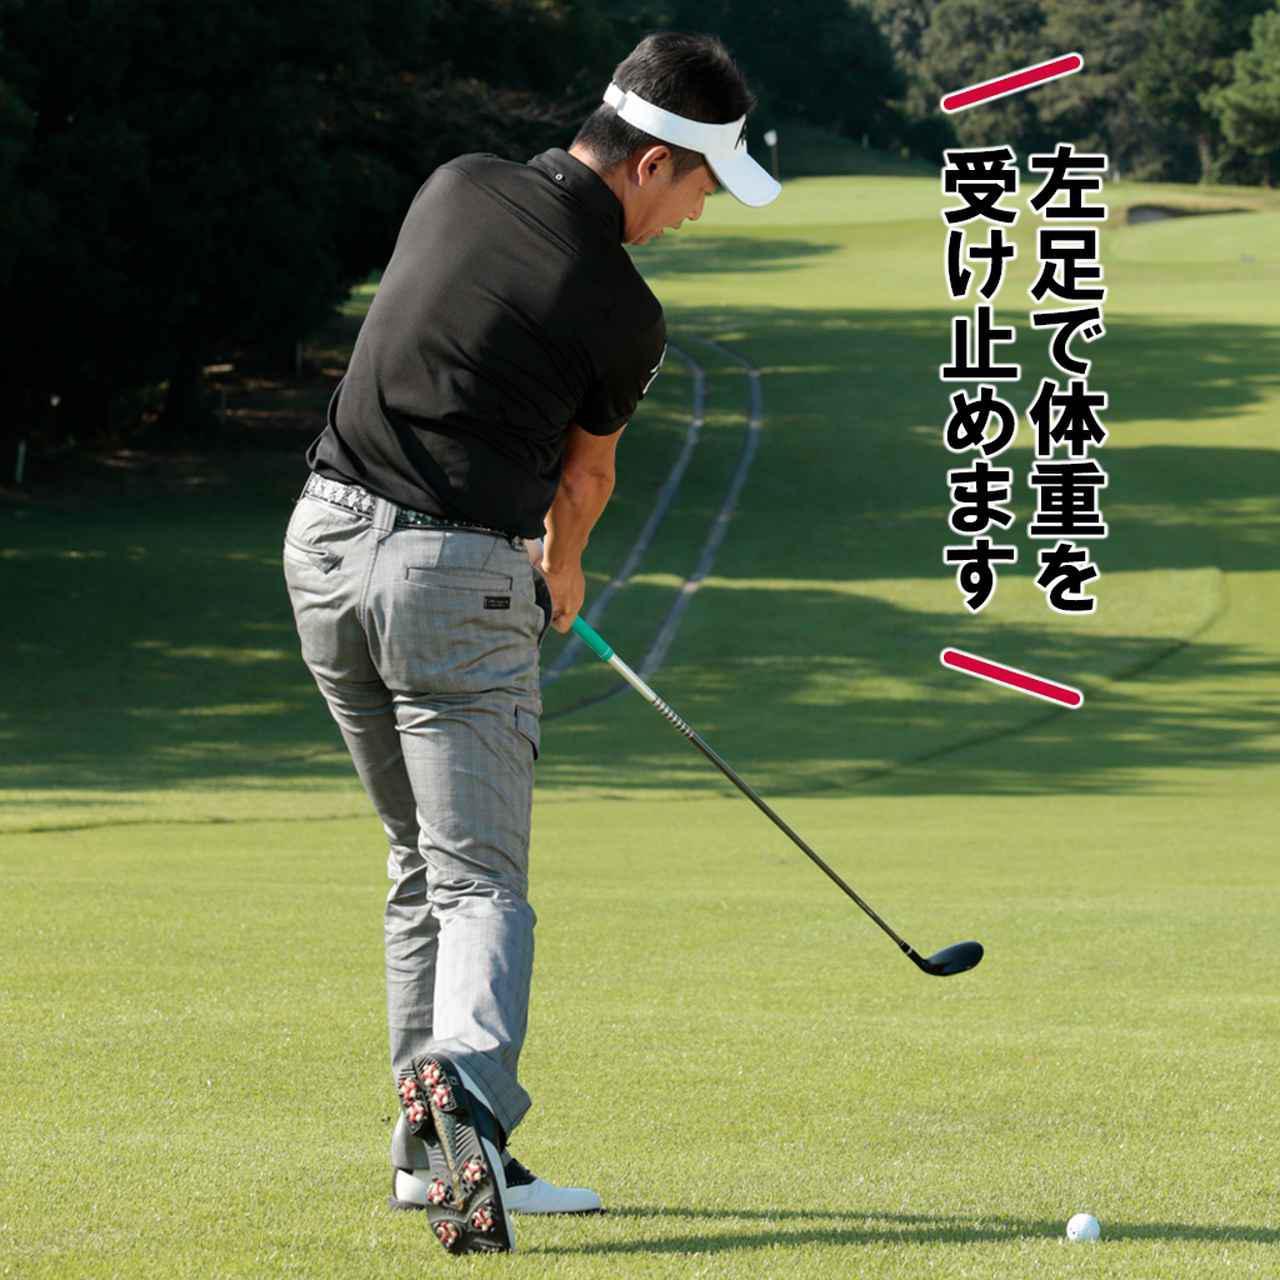 画像: 【スウィングのPOINT④】 右足をしっかり蹴って左足に乗っていく